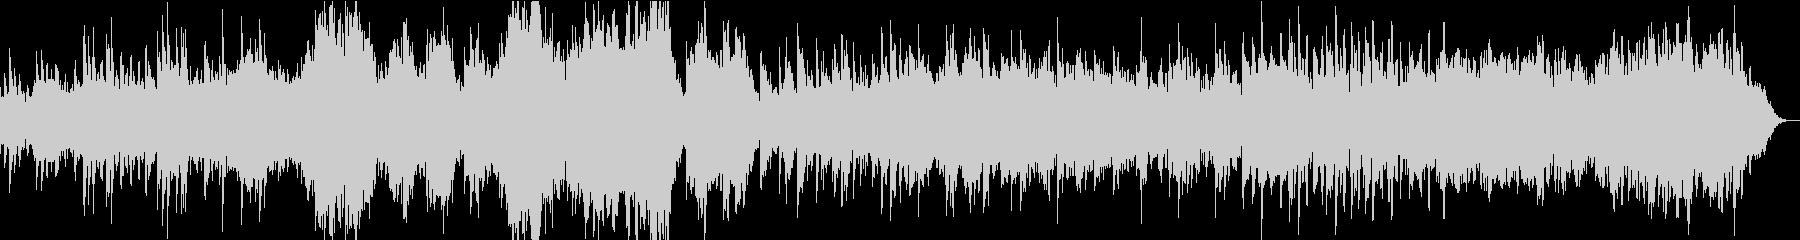 瞑想や神秘的な曲 ソルフェジオ周波数の未再生の波形